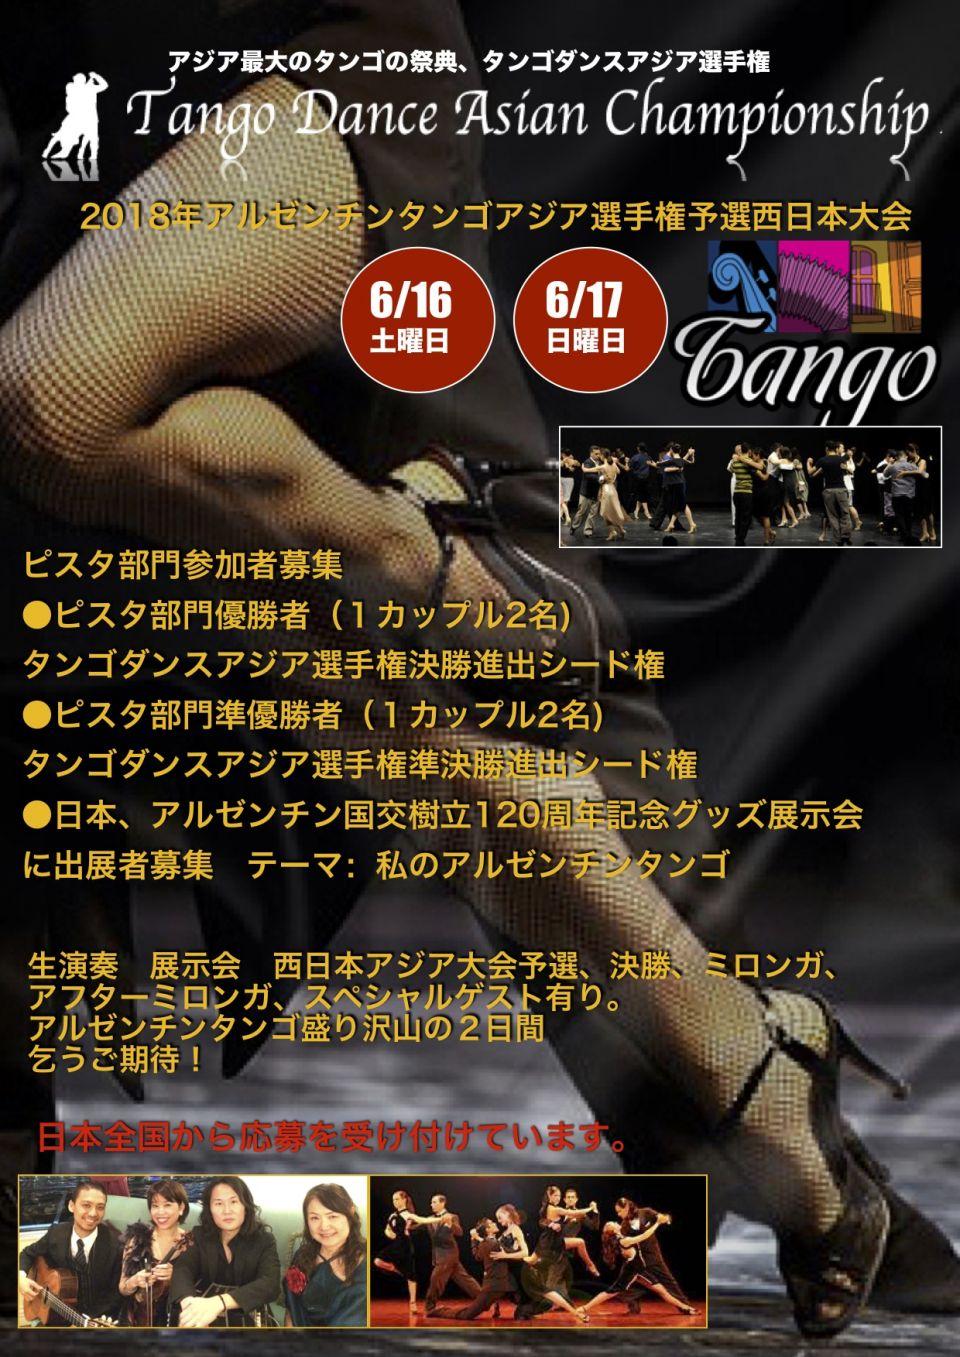 日本、アルゼンチン国交樹立120周年記念イベント アルゼンチンタンゴ